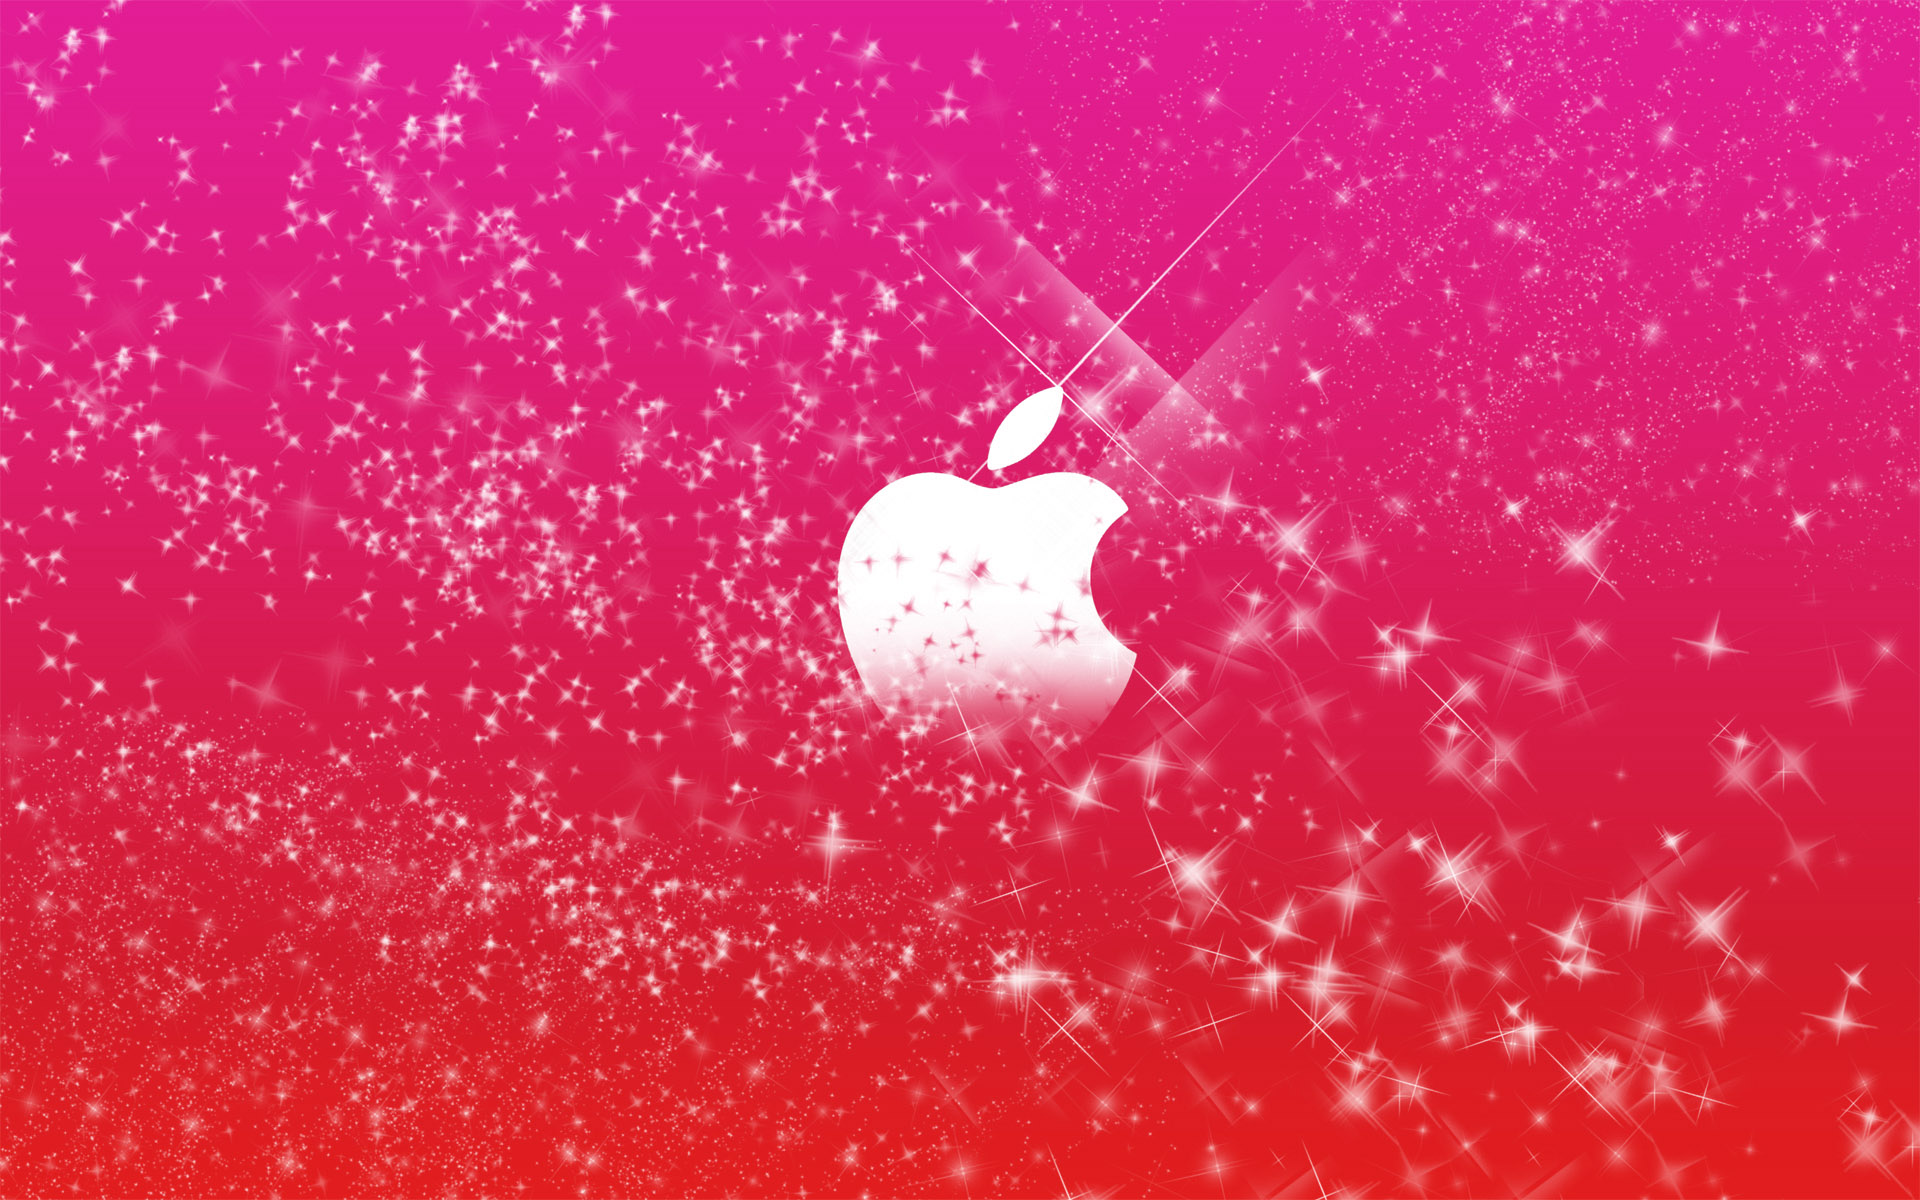 Glitter HD Wallpaper Free Download